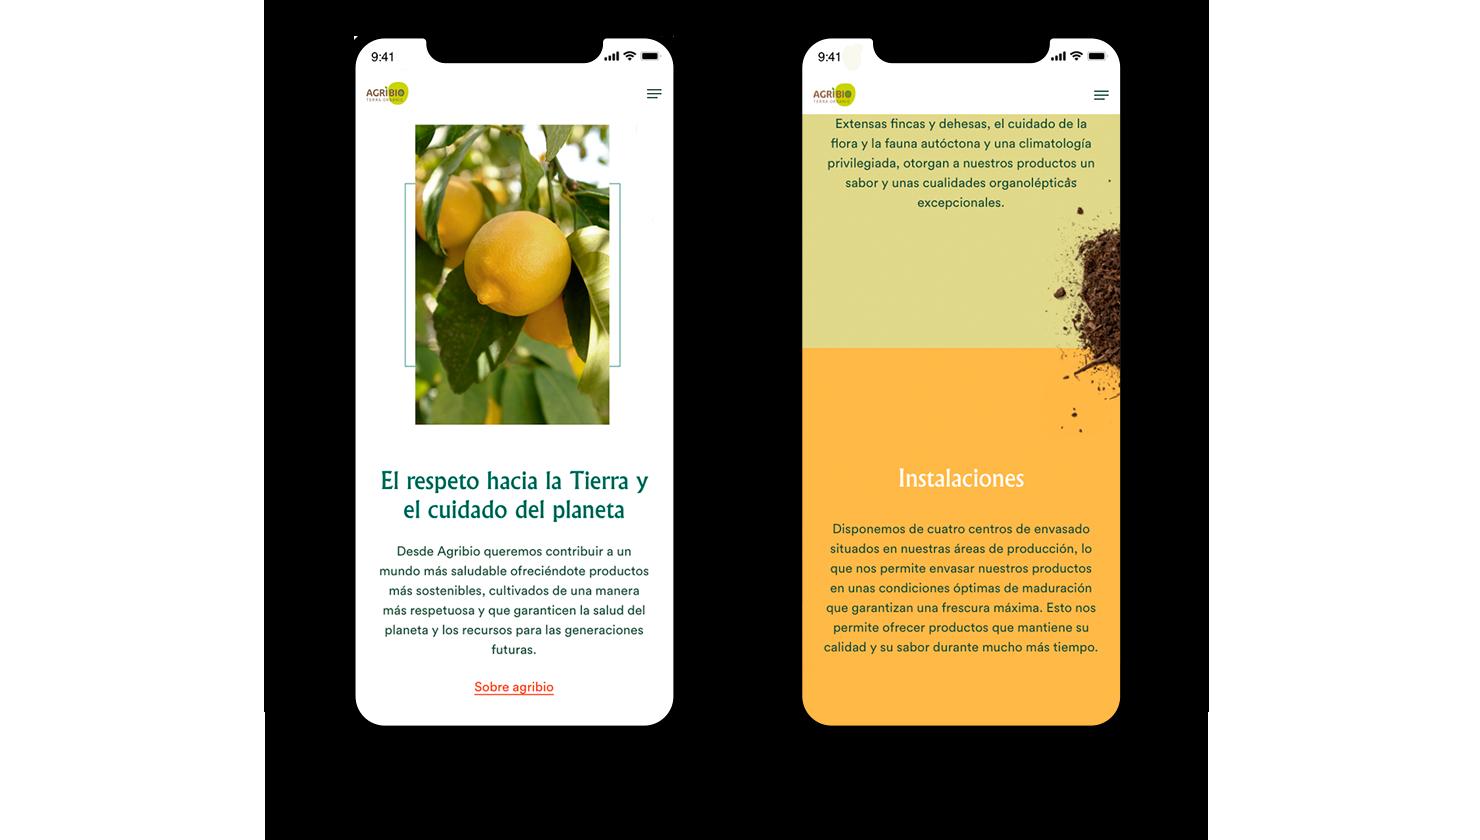 Agribio, una web comprometida con la agroecología y el medio ambiente